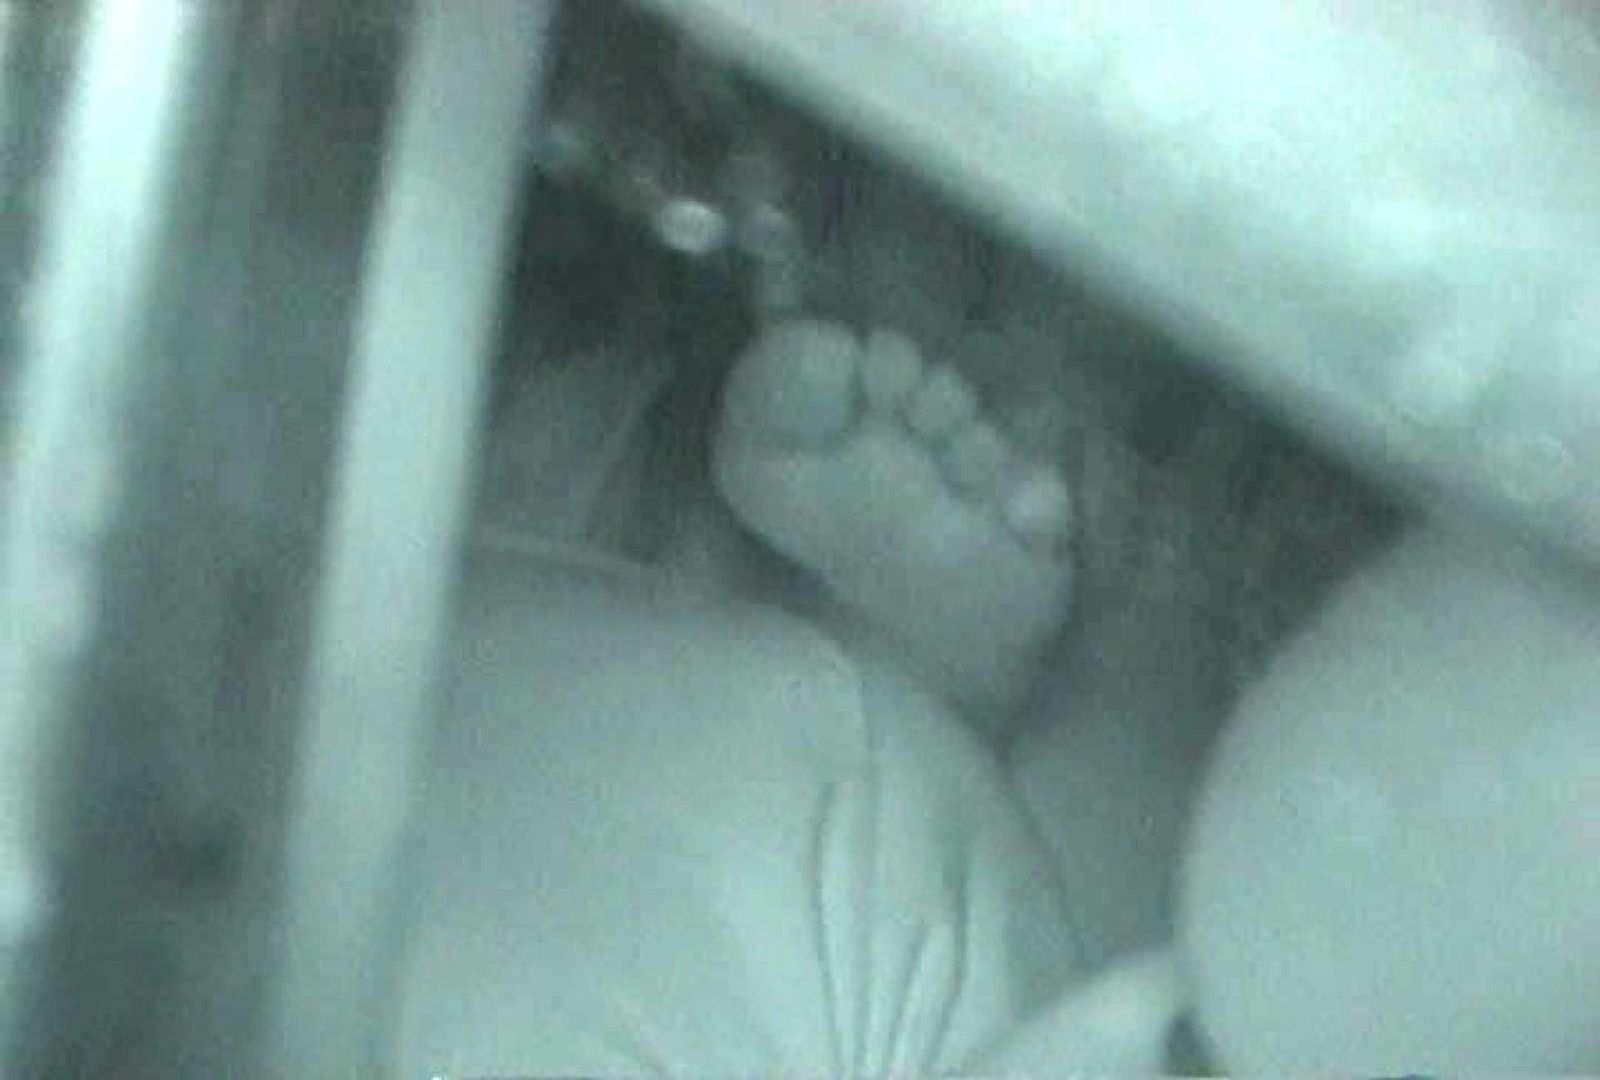 充血監督の深夜の運動会Vol.49 エッチなセックス | カップル盗撮  83画像 69